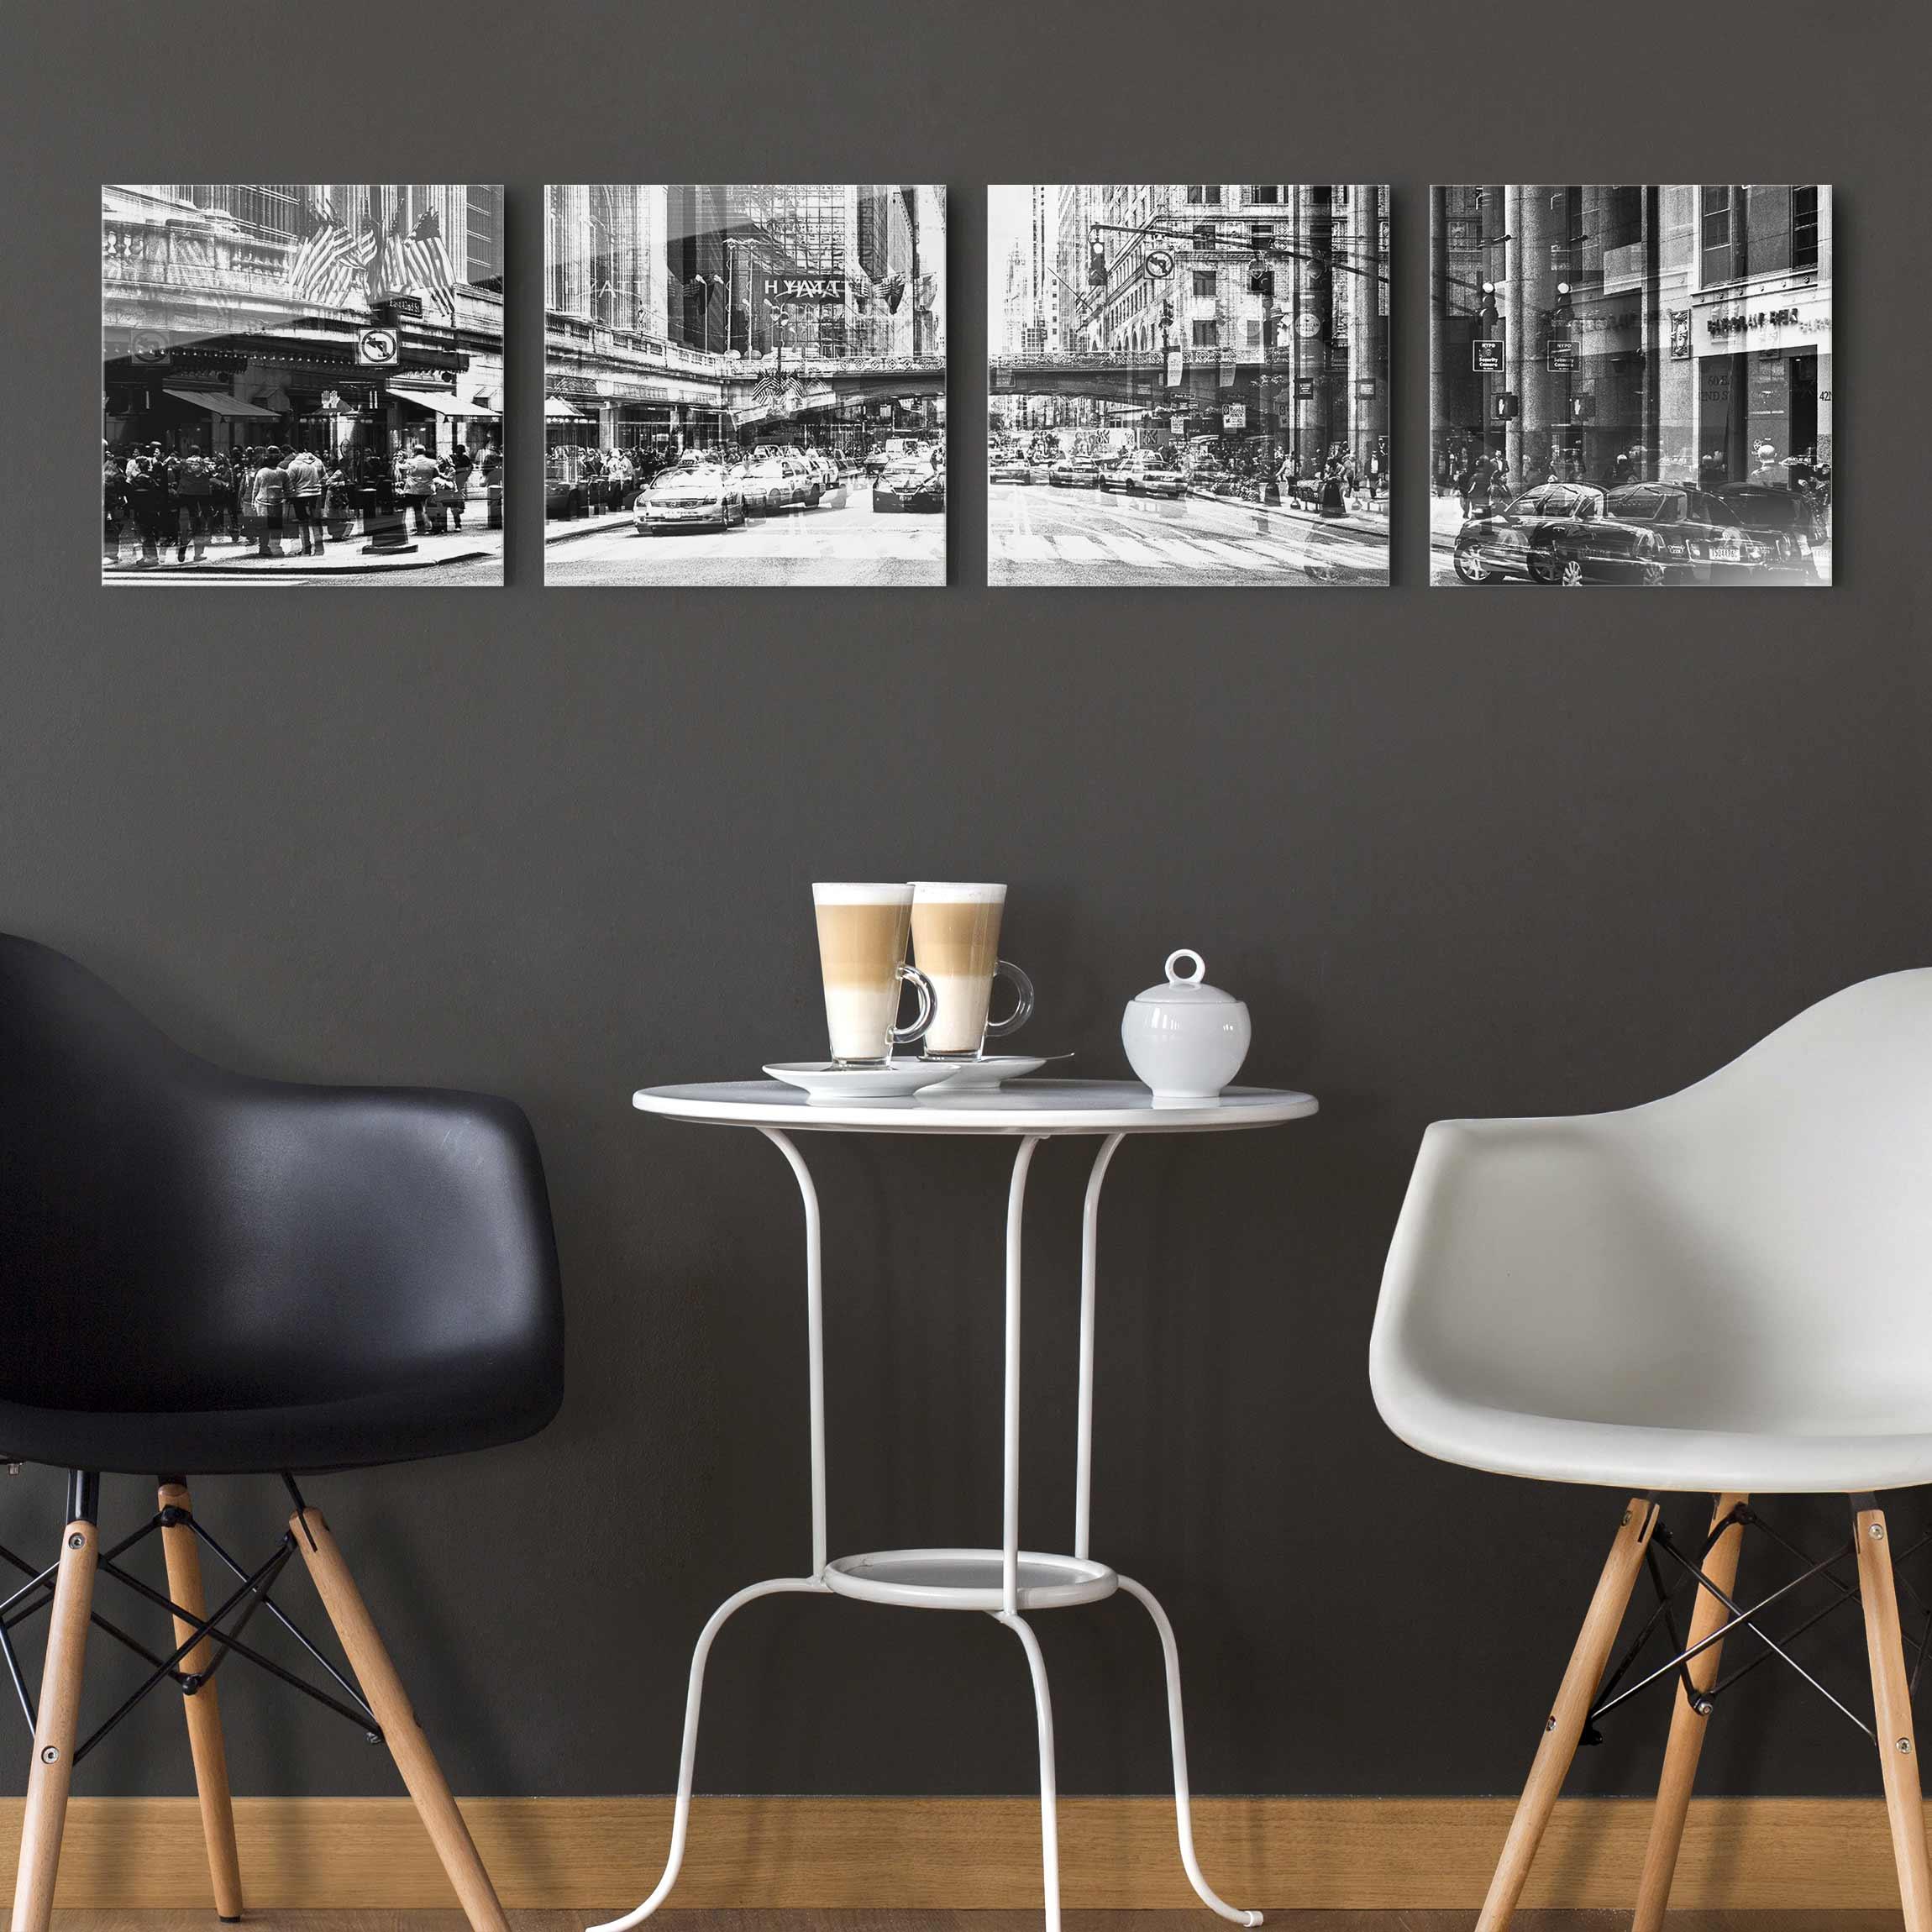 Glasbild Schwarz Weiß : glasbild mehrteilig nyc urban schwarz weiss 4 teilig ~ A.2002-acura-tl-radio.info Haus und Dekorationen